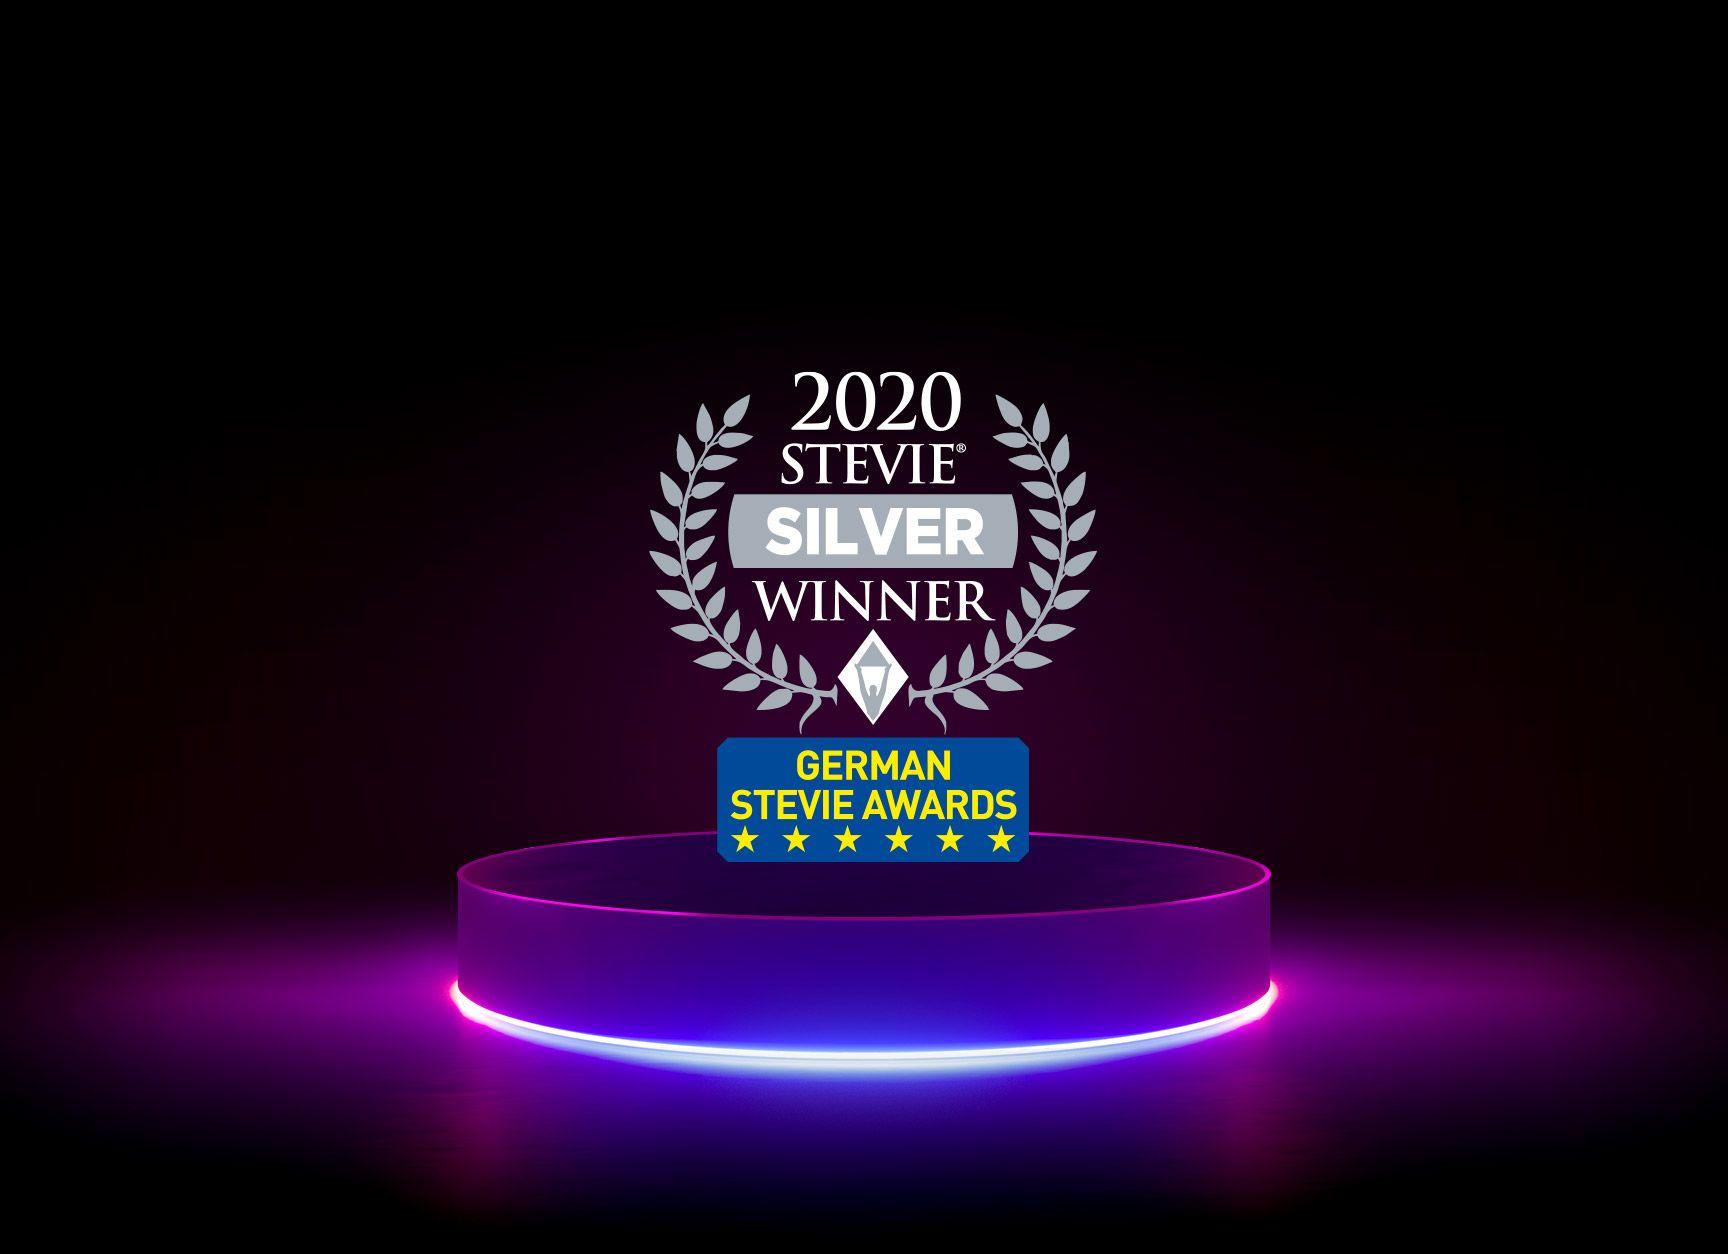 diva-e ist ausgezeichnet: Sechs Stevie® Awards für den Digitalpartner